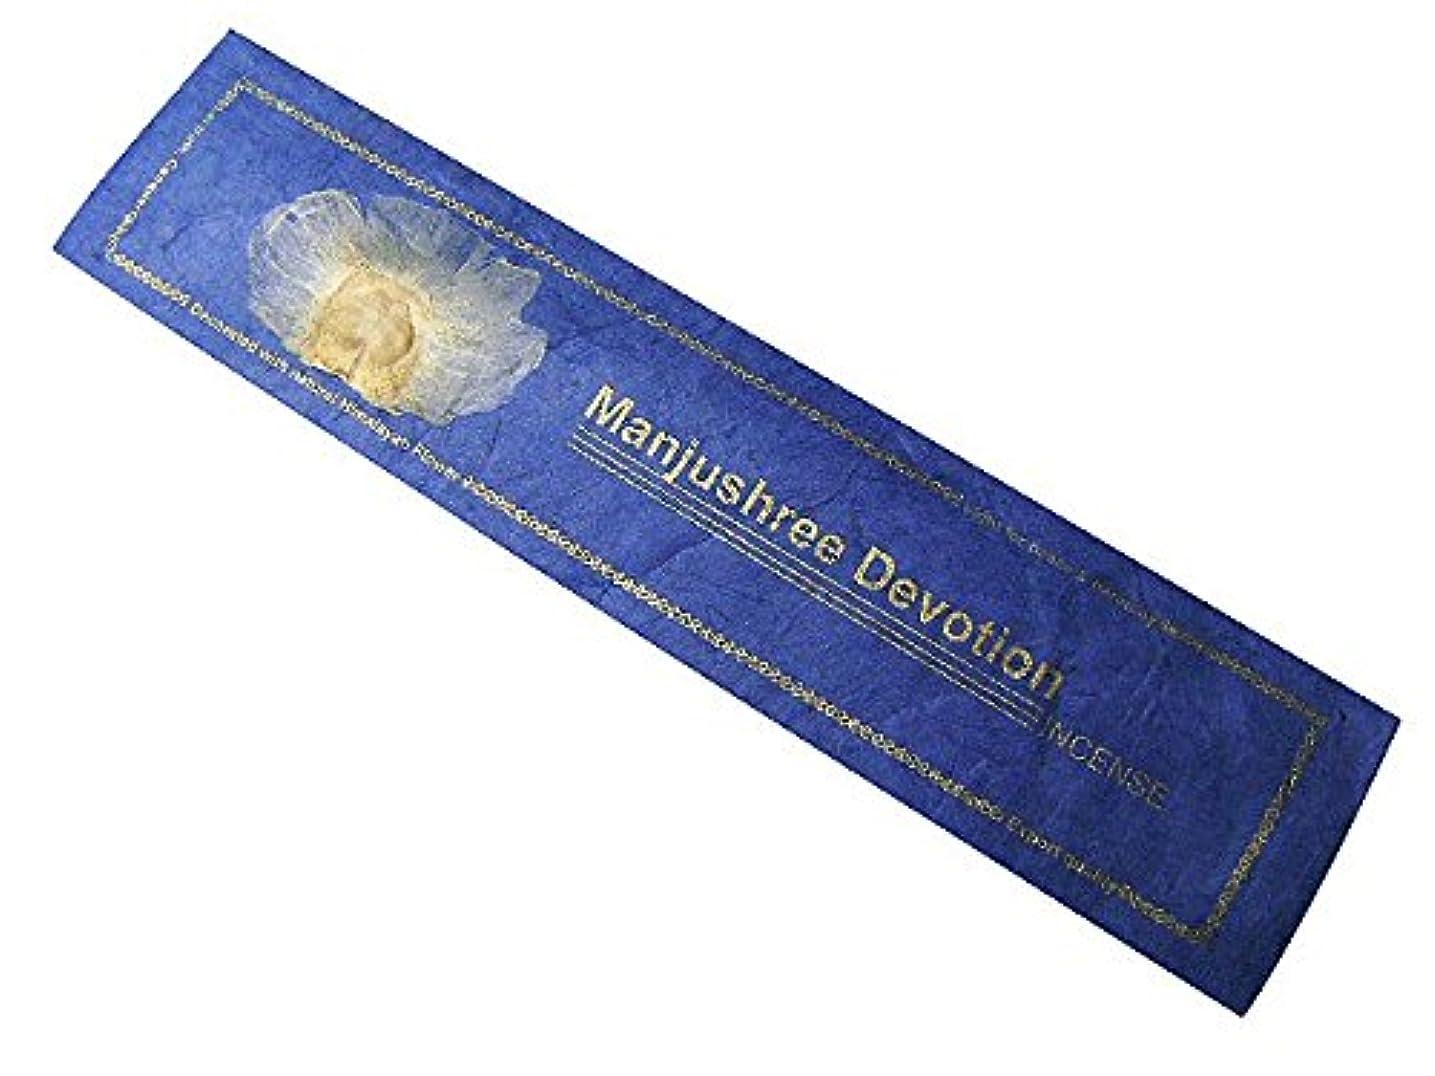 フォーム見る人ホイストNEPAL INCENSE ネパールのロクタ紙にヒマラヤの押し花のお香【ManjushreeDevotionマンジュシュリーデボーション】 スティック